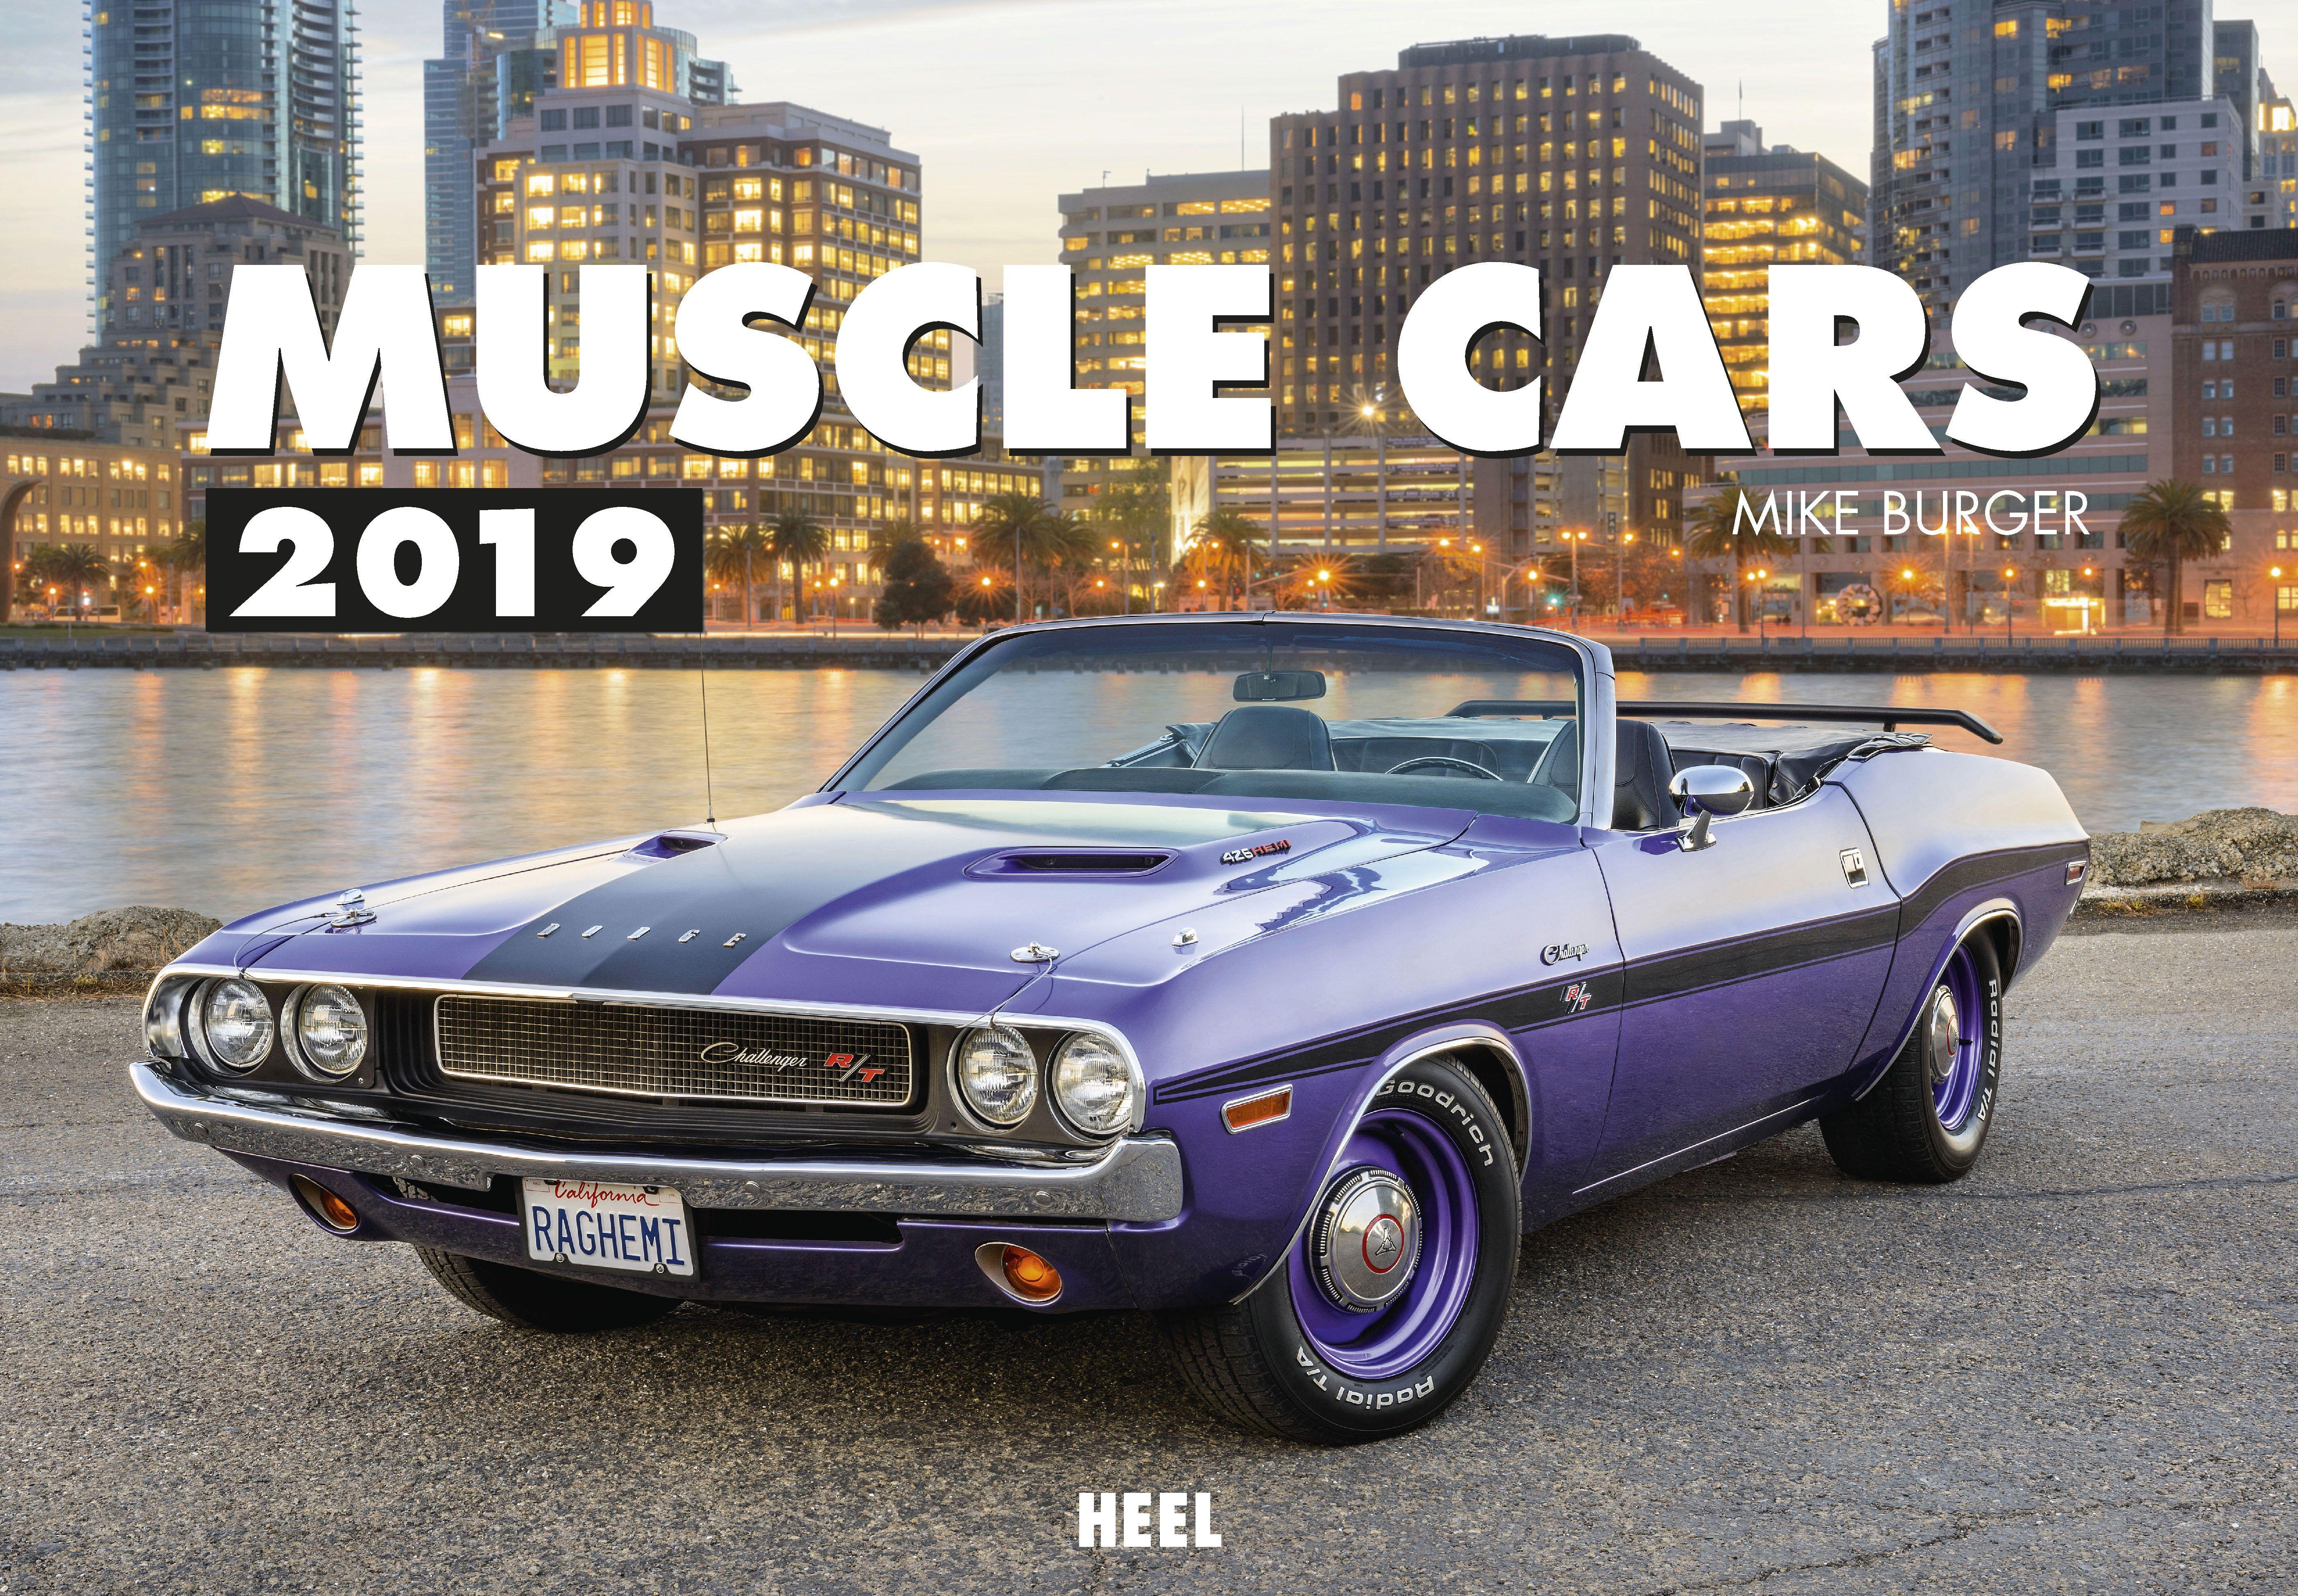 muscle cars 2019 von burger, mike (fotograf): die spektakulärsten und